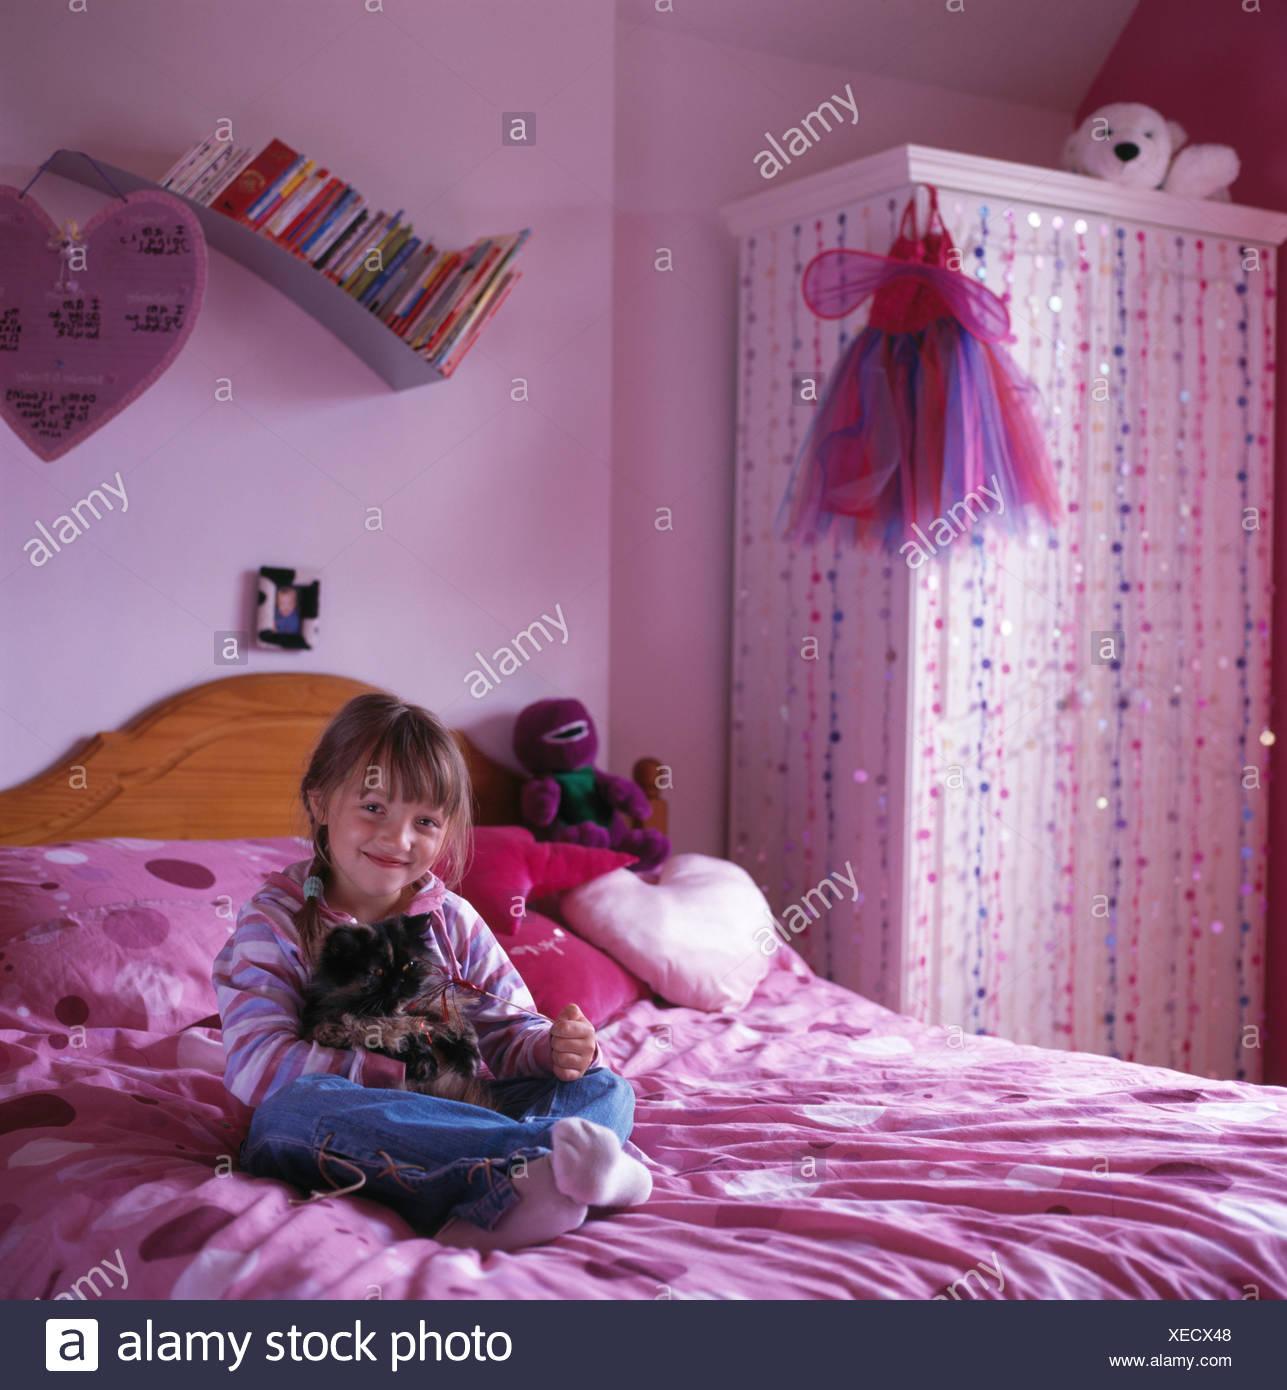 Piccola ragazza seduta sul letto nel bambino degli anni novanta rosa ...